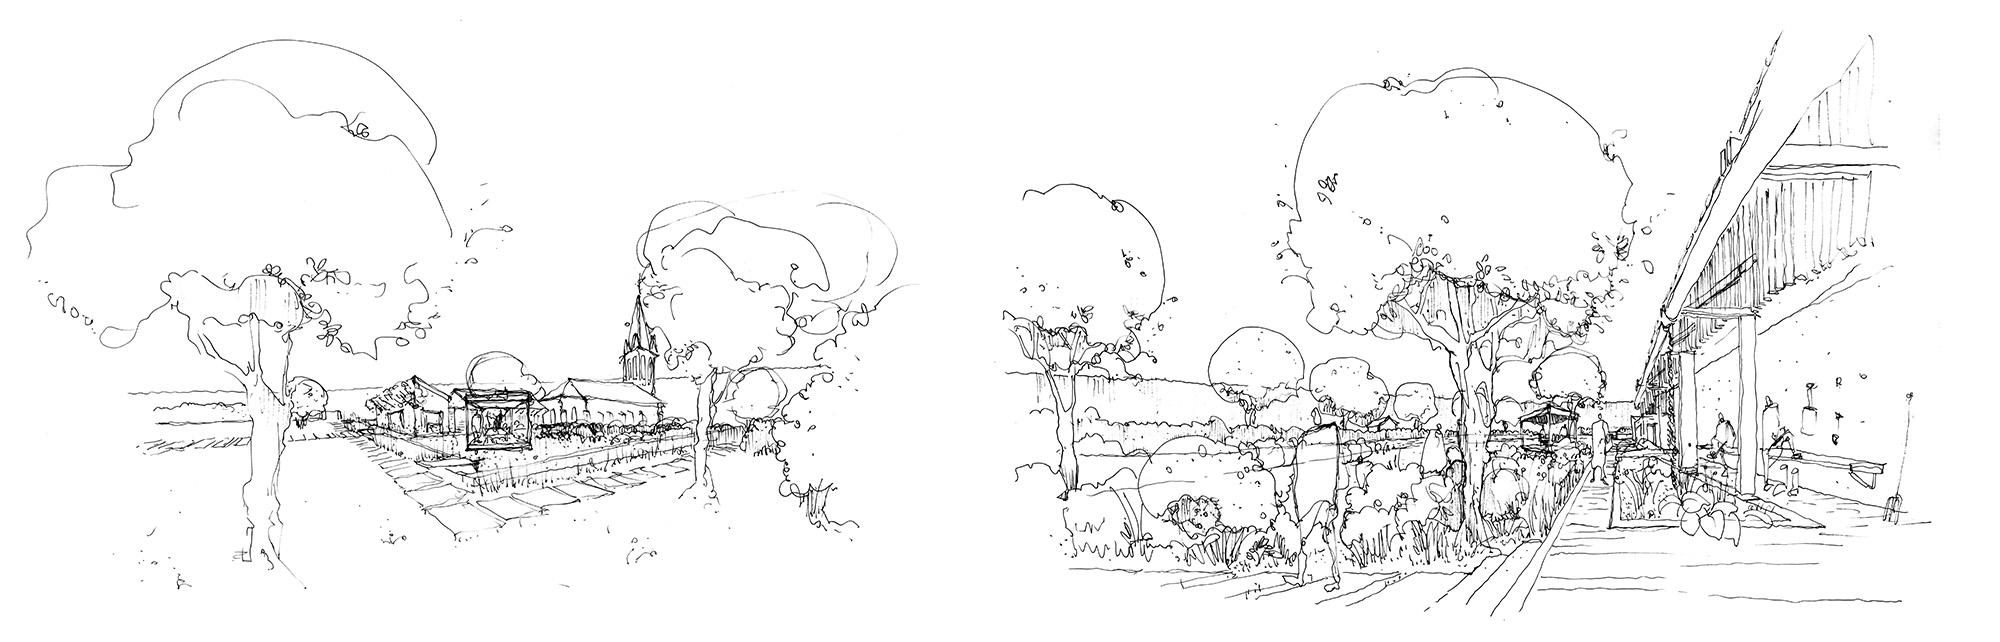 jardin montauville-croquis 2